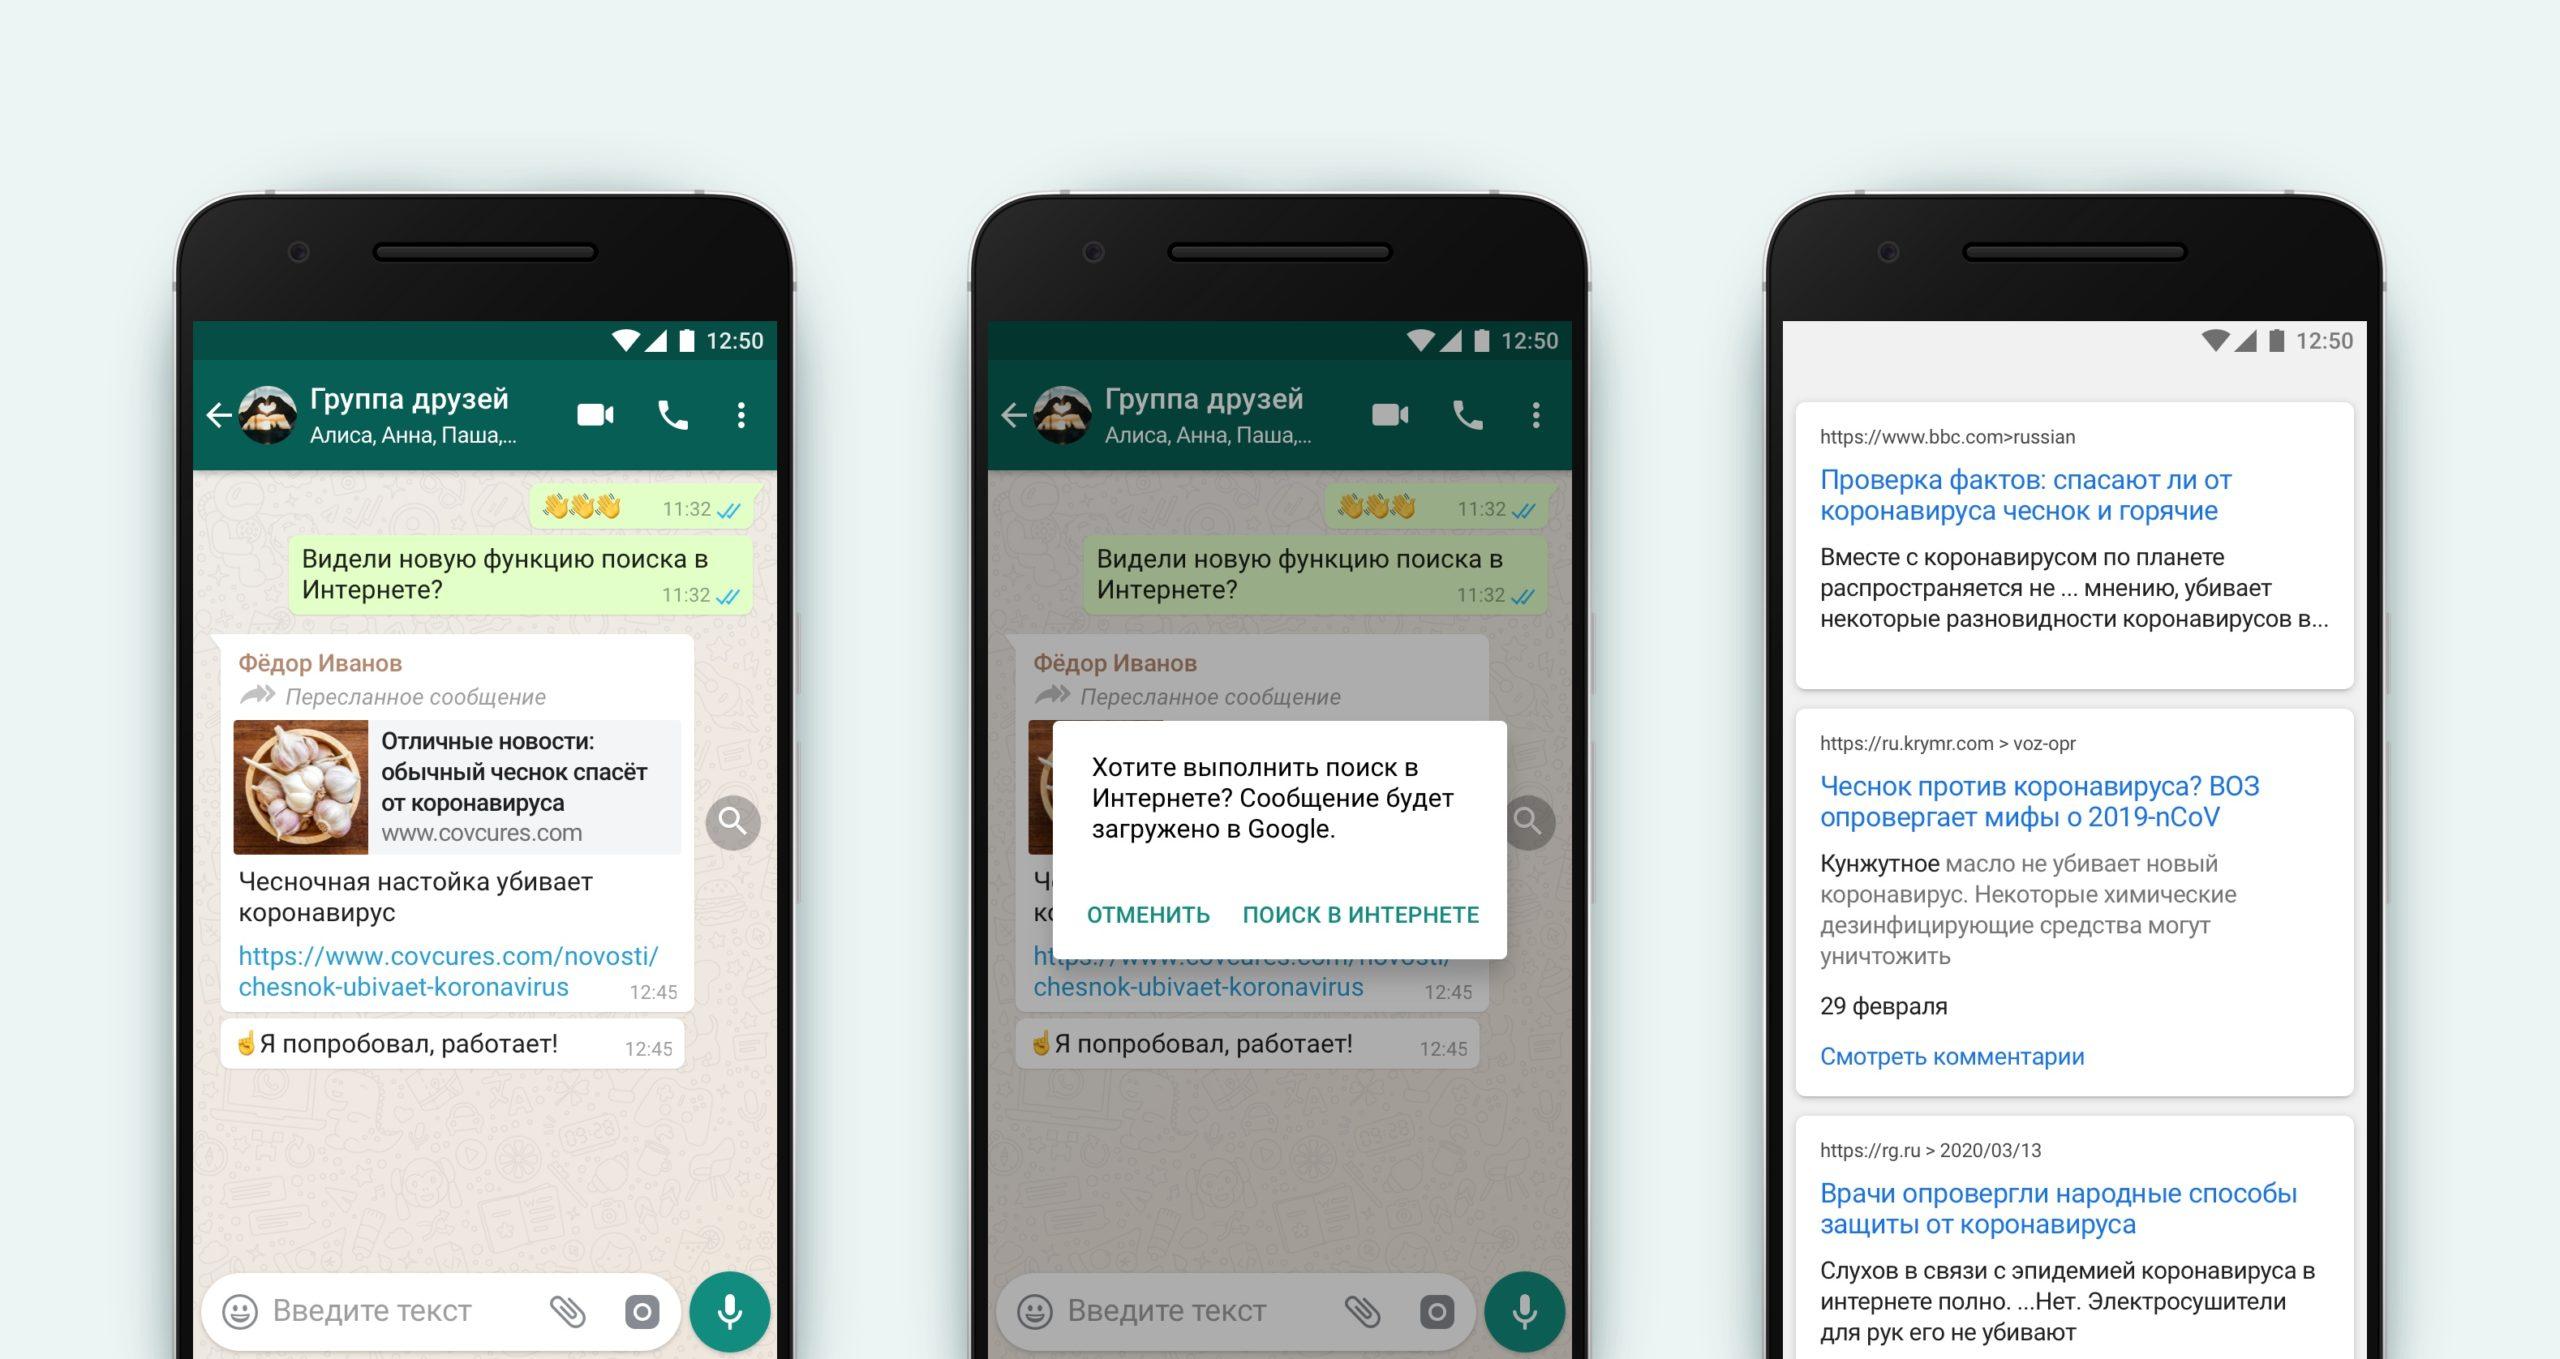 Новая функция WhatsApp поможет быстро проверить факты о лечении COVID-19